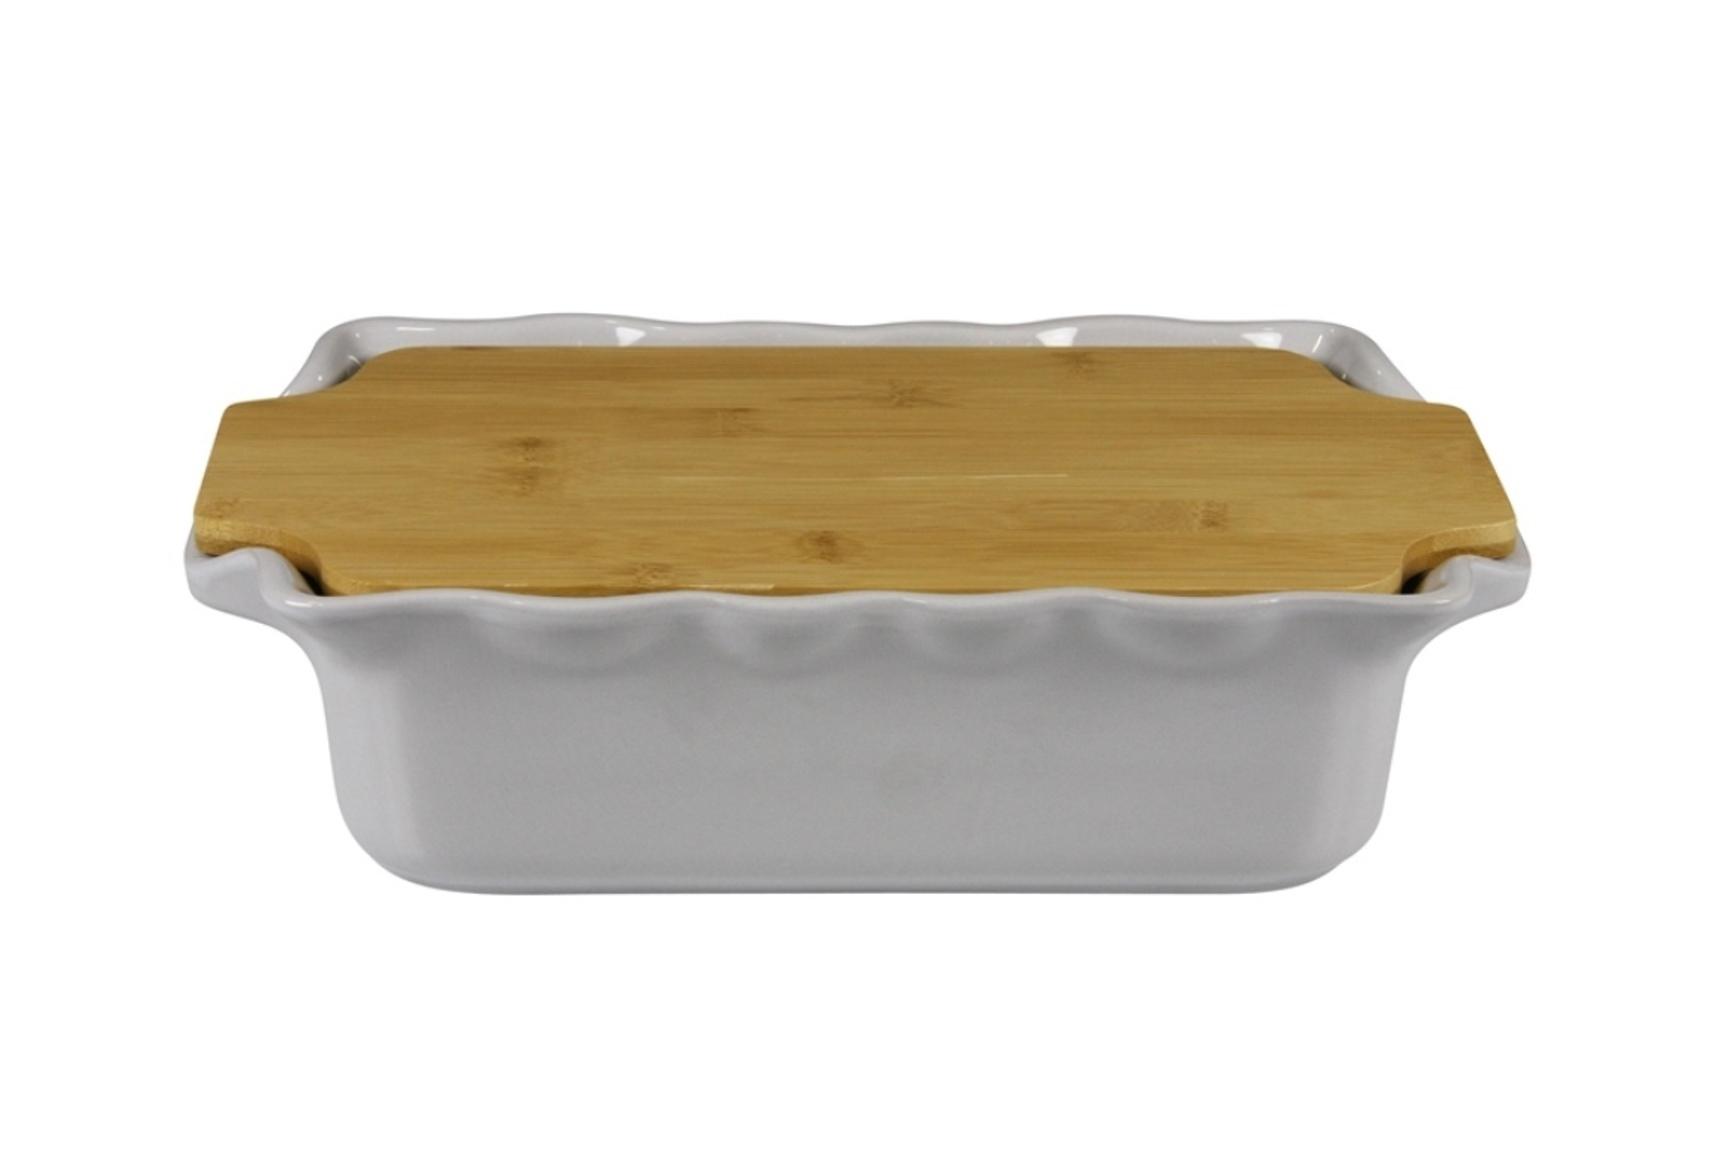 Форма с доской прямоугольная 33,5 см Appolia Cook&amp;Stock GREY 131033504Формы для запекания (выпечки)<br>Форма с доской прямоугольная 33,5 см Appolia Cook&amp;Stock GREY 131033504<br><br>В оригинальной коллекции Cook&amp;Stoock присутствуют мягкие цвета трех оттенков. Закругленные углы облегчают чистку. Легко использовать. Компактное хранение. В комплекте натуральные крышки из бамбука, которые можно использовать в качестве подставки, крышки и разделочной доски. Прочная жароустойчивая керамика экологична и изготавливается из высококачественной глины. Прочная глазурь устойчива к растрескиванию и сколам, не содержит свинца и кадмия. Глина обеспечивает медленный и равномерный нагрев, деликатное приготовление с сохранением всех питательных веществ и витаминов, а та же долго сохраняет тепло, что удобно при сервировке горячих блюд.<br>